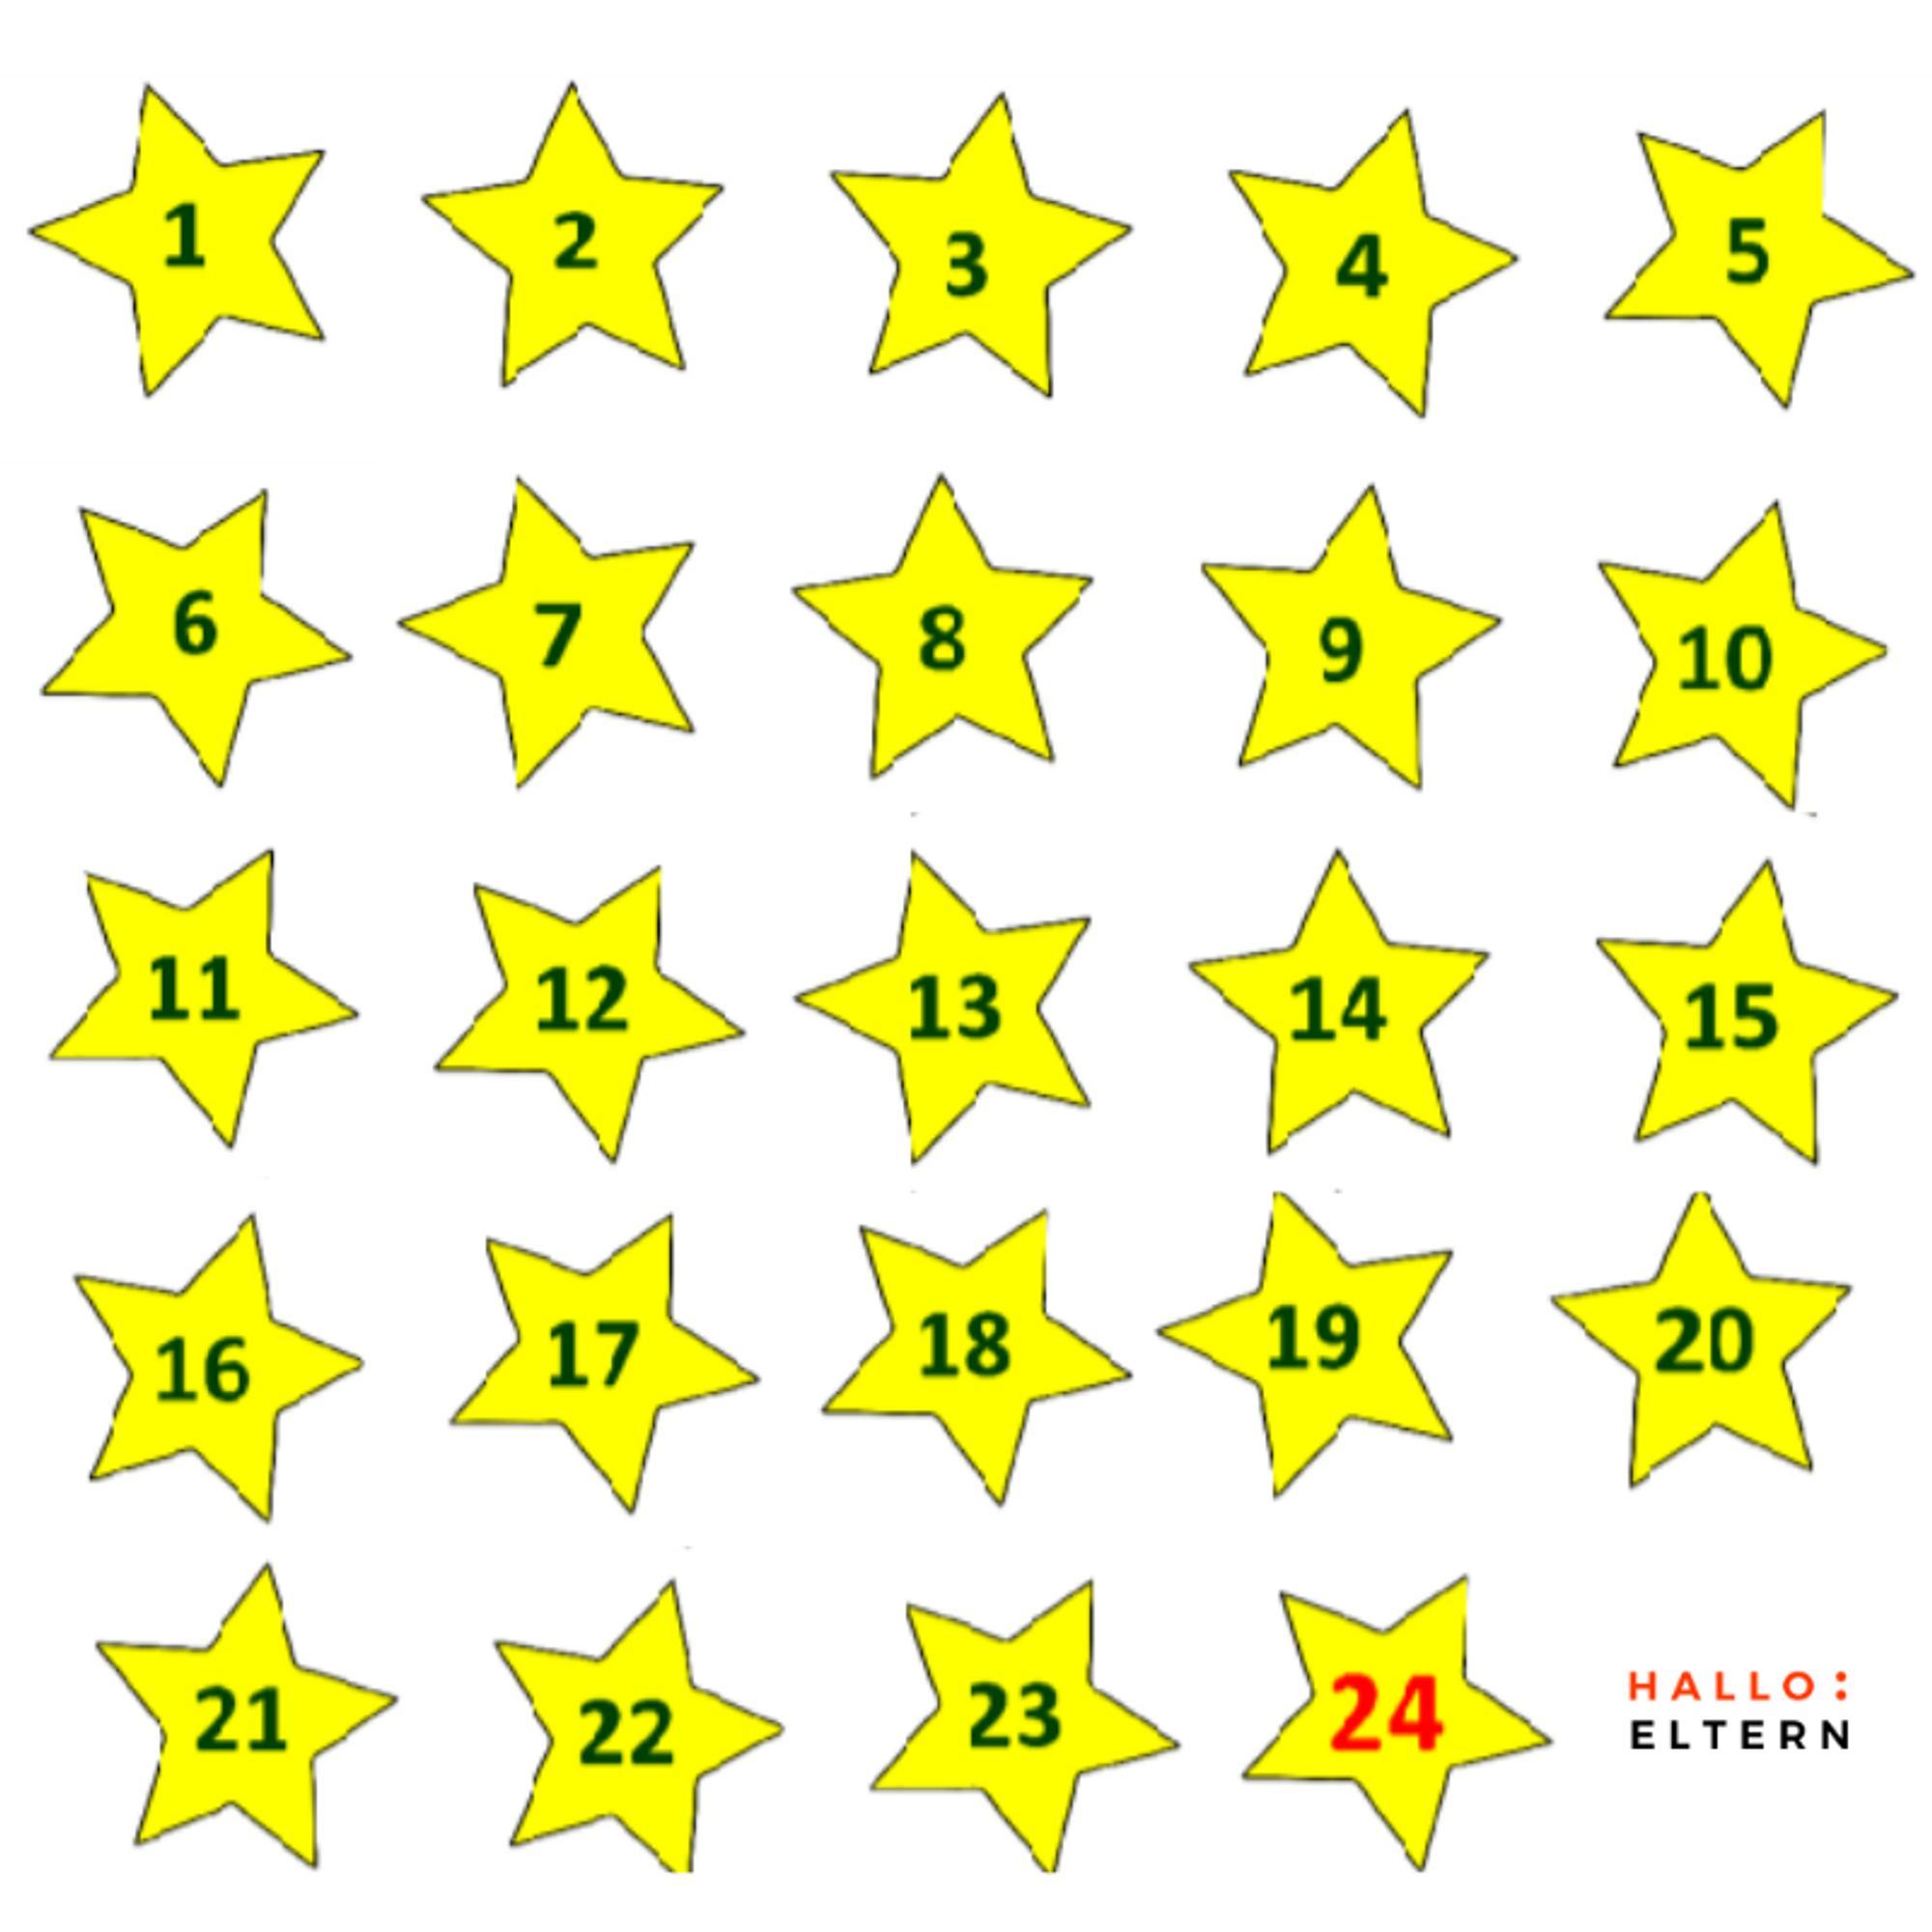 Gratis Vorlage für Sterne als Adventskalender Zahlen